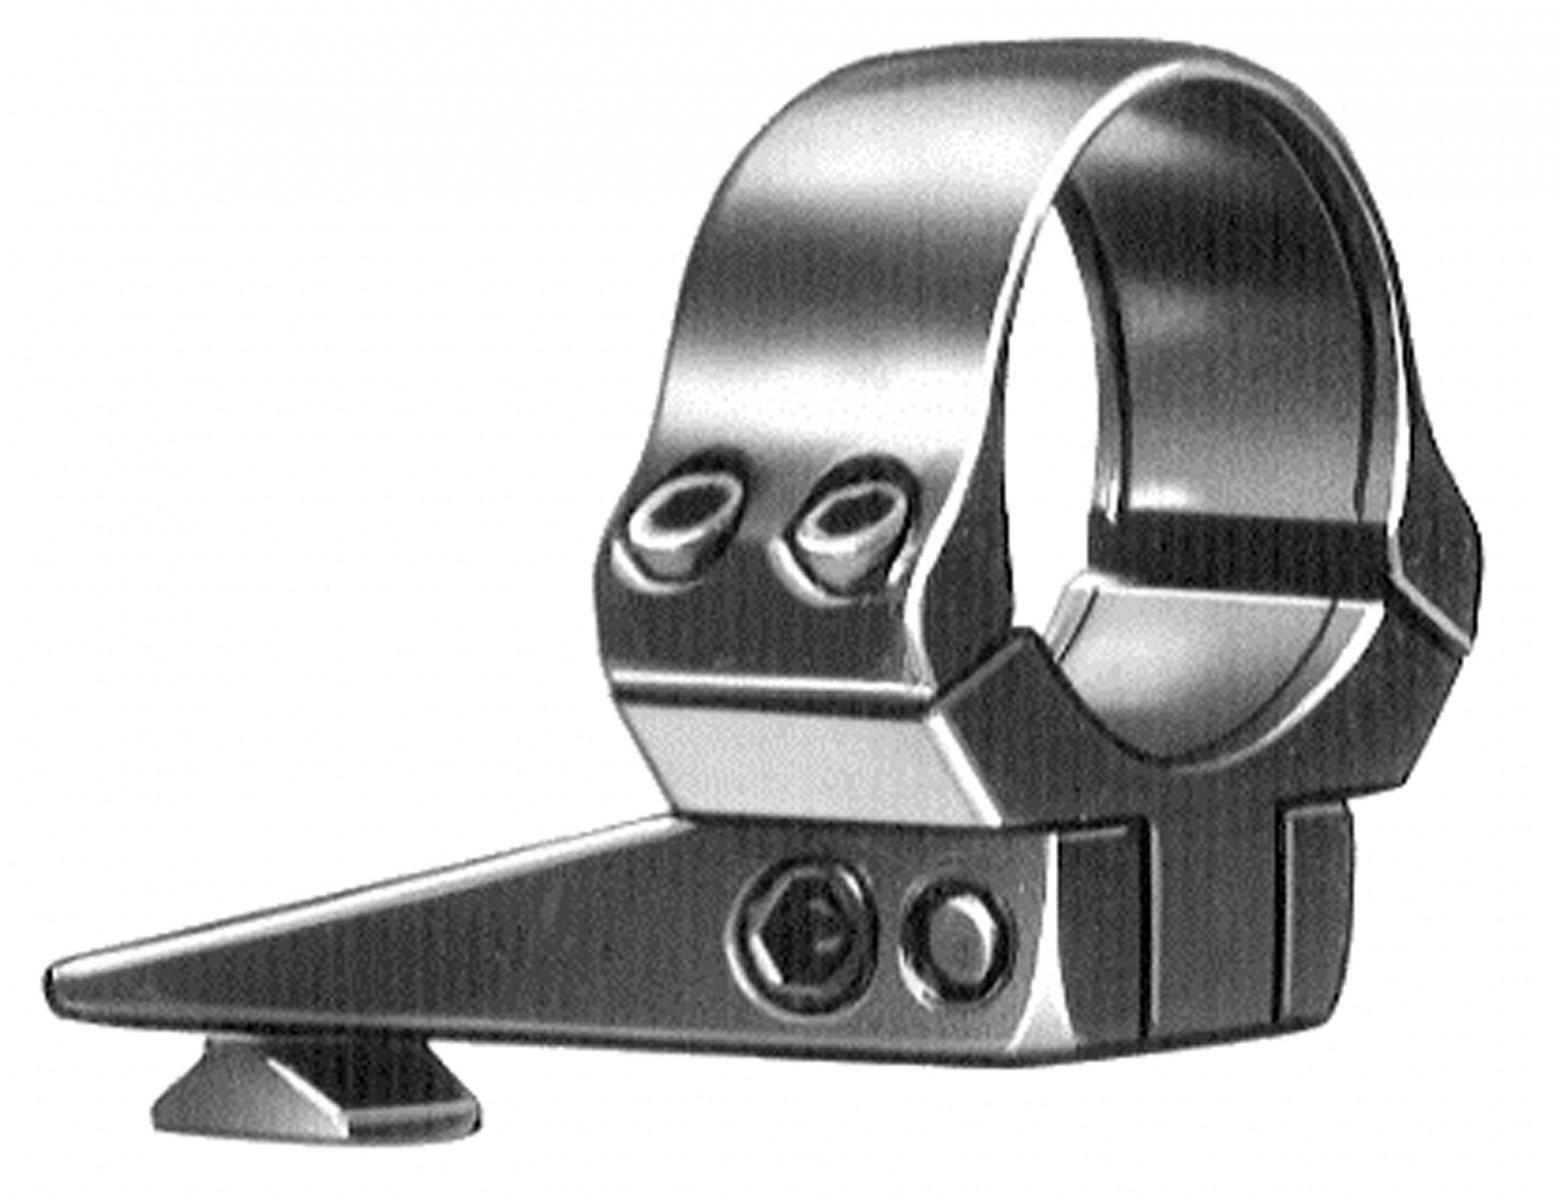 Montage pivotant EAW pied avant diam. 30 BH17 coude 38